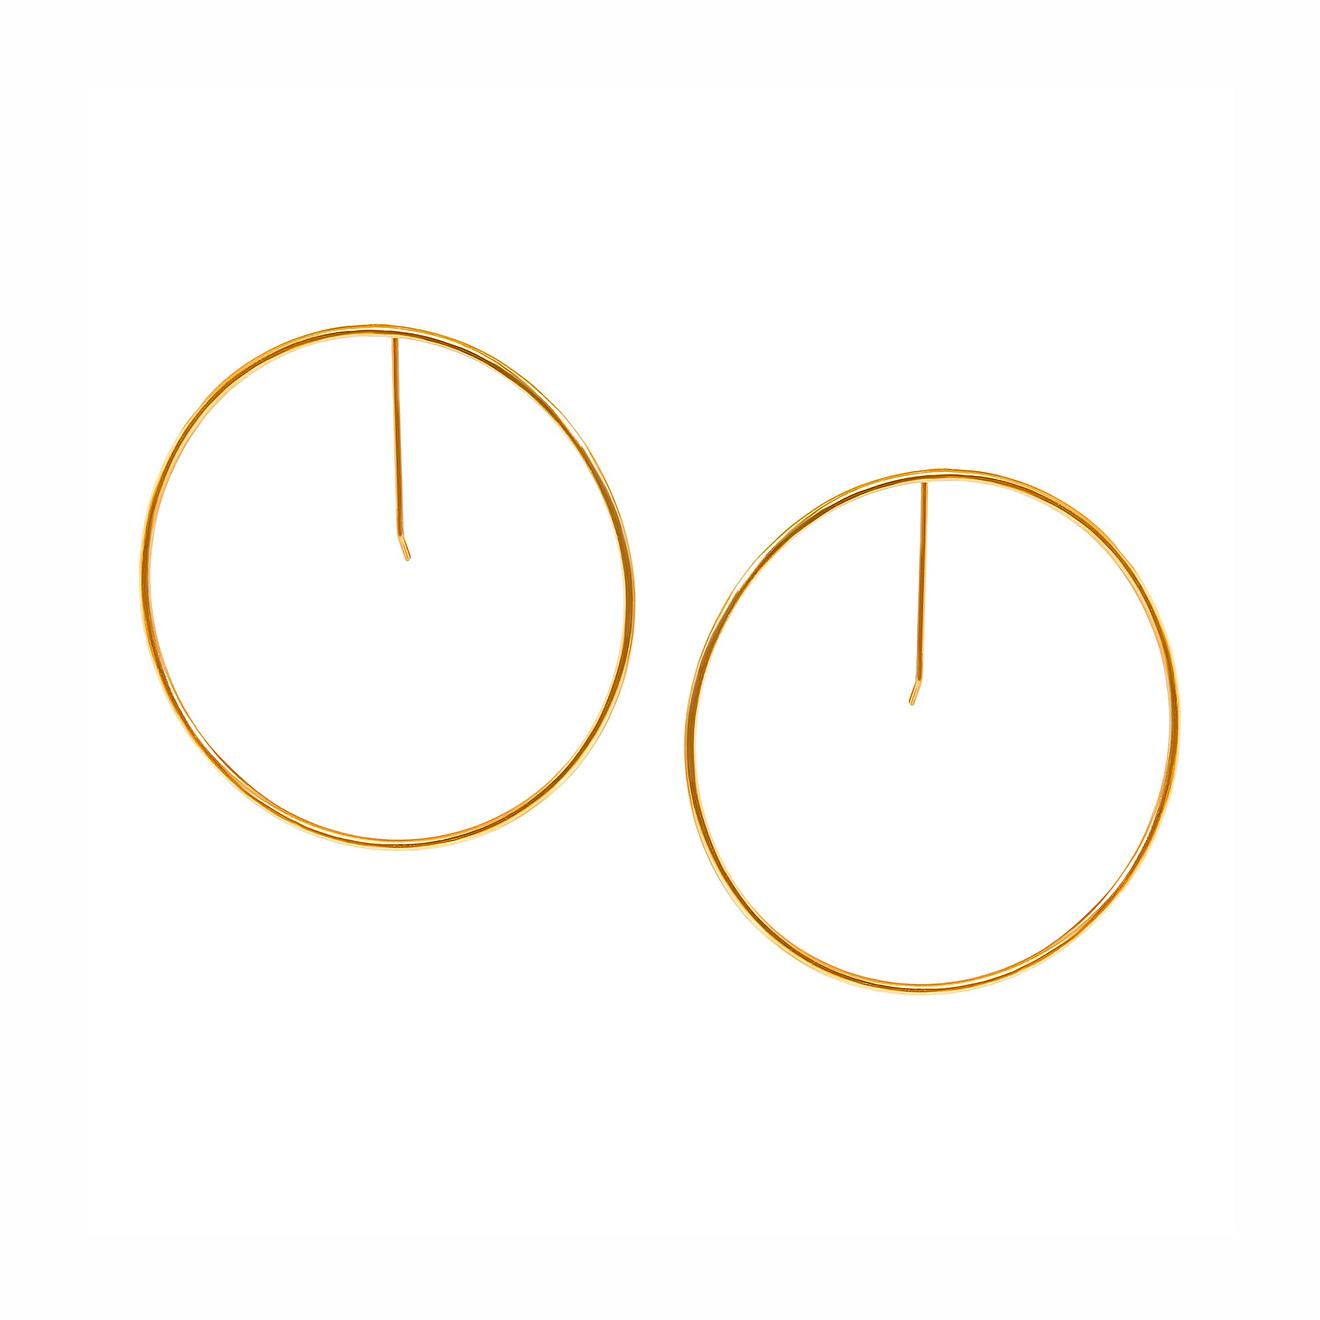 Khoshtrik Позолоченные серьги-круги